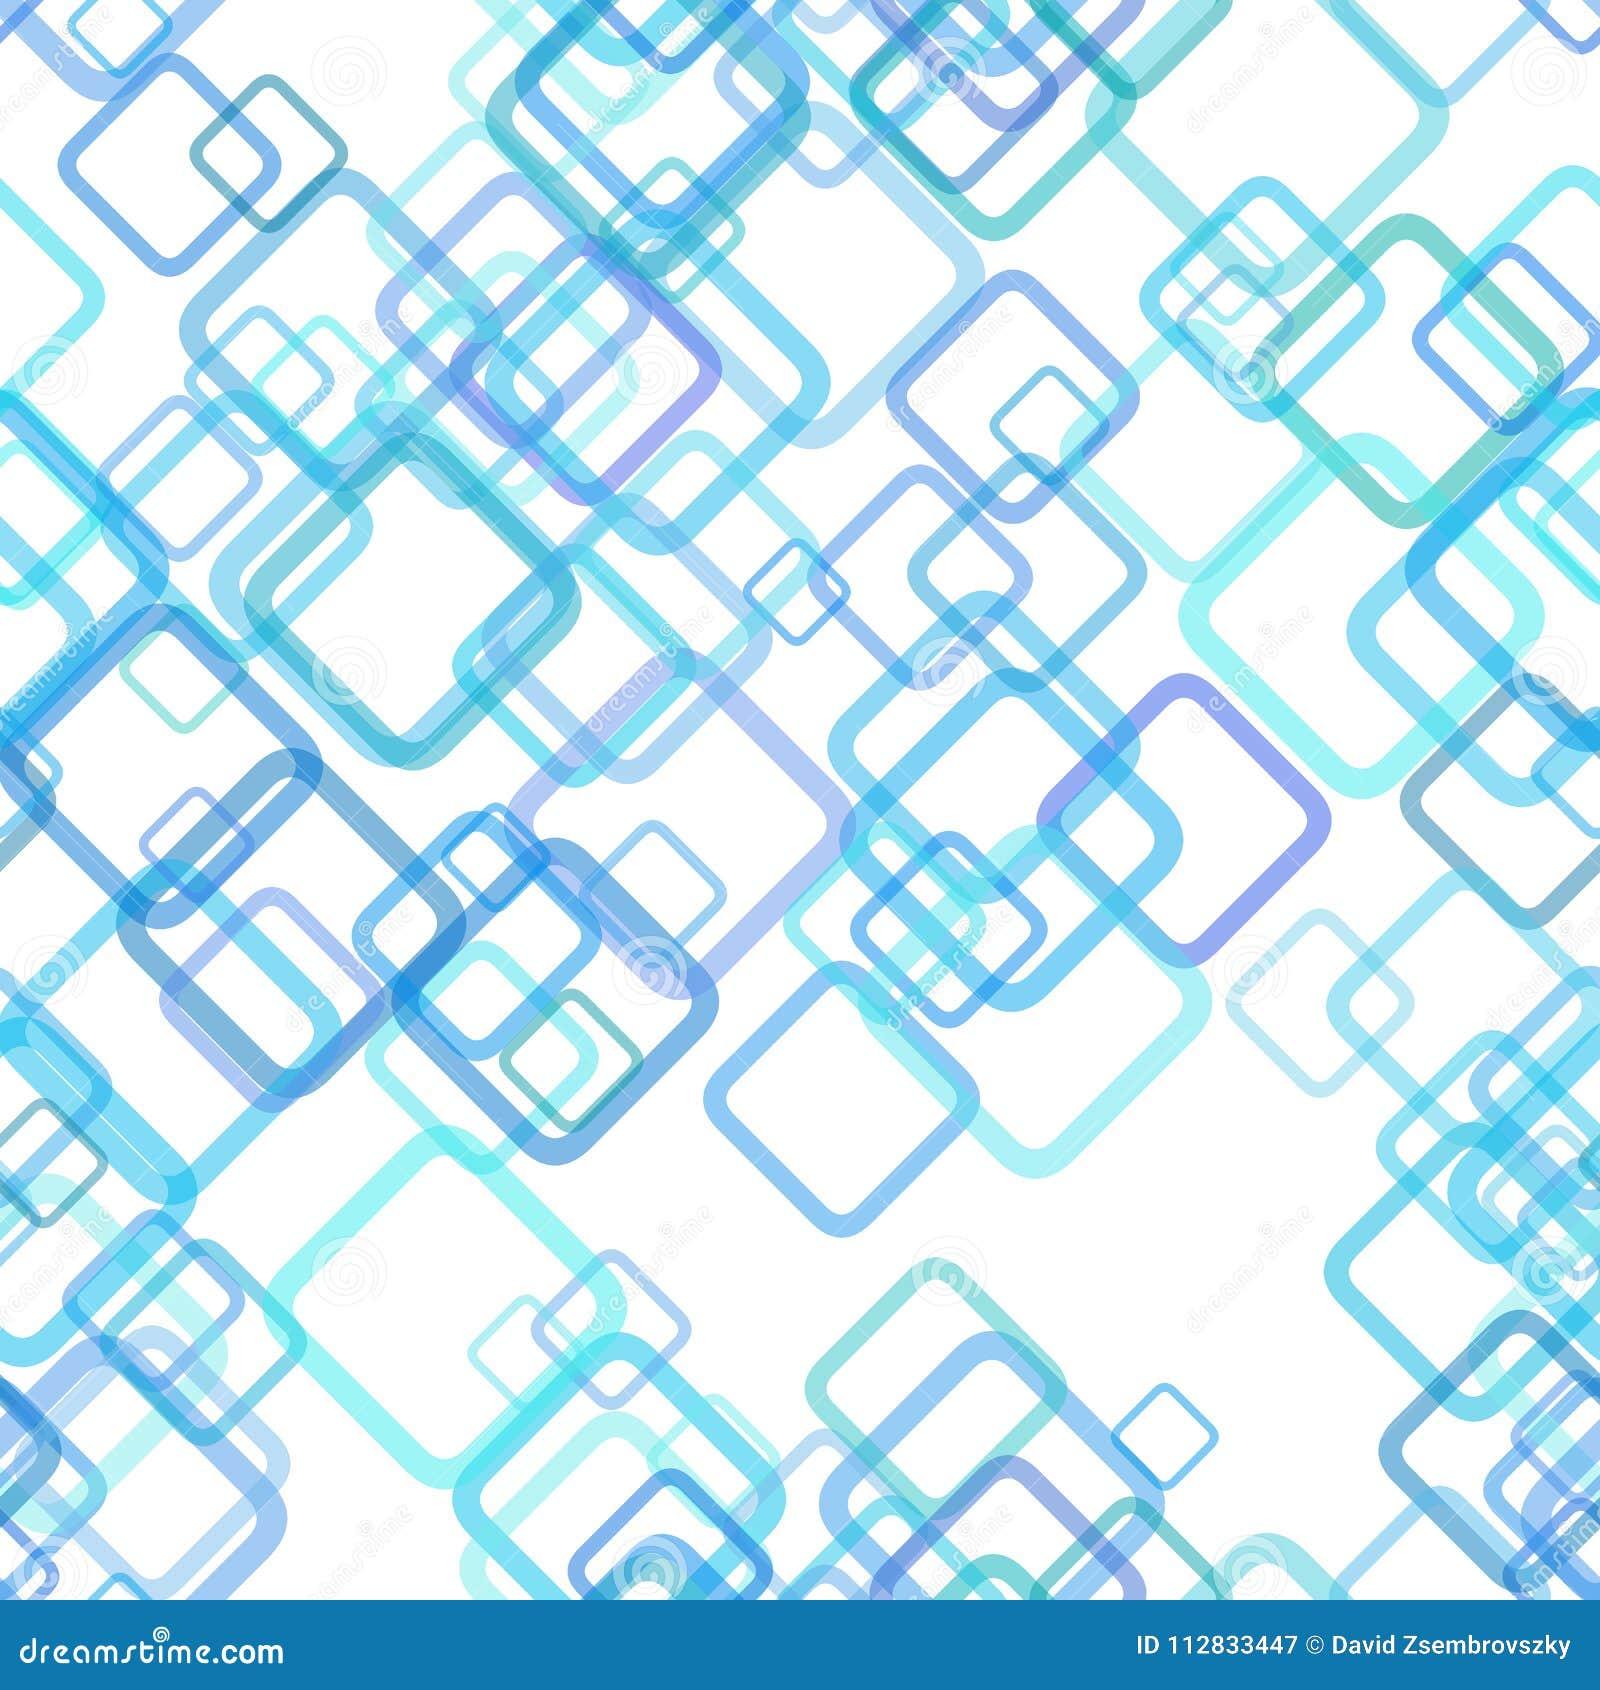 重复几何方形的背景样式-从任意对角正方形的向量图形设计与不透明作用